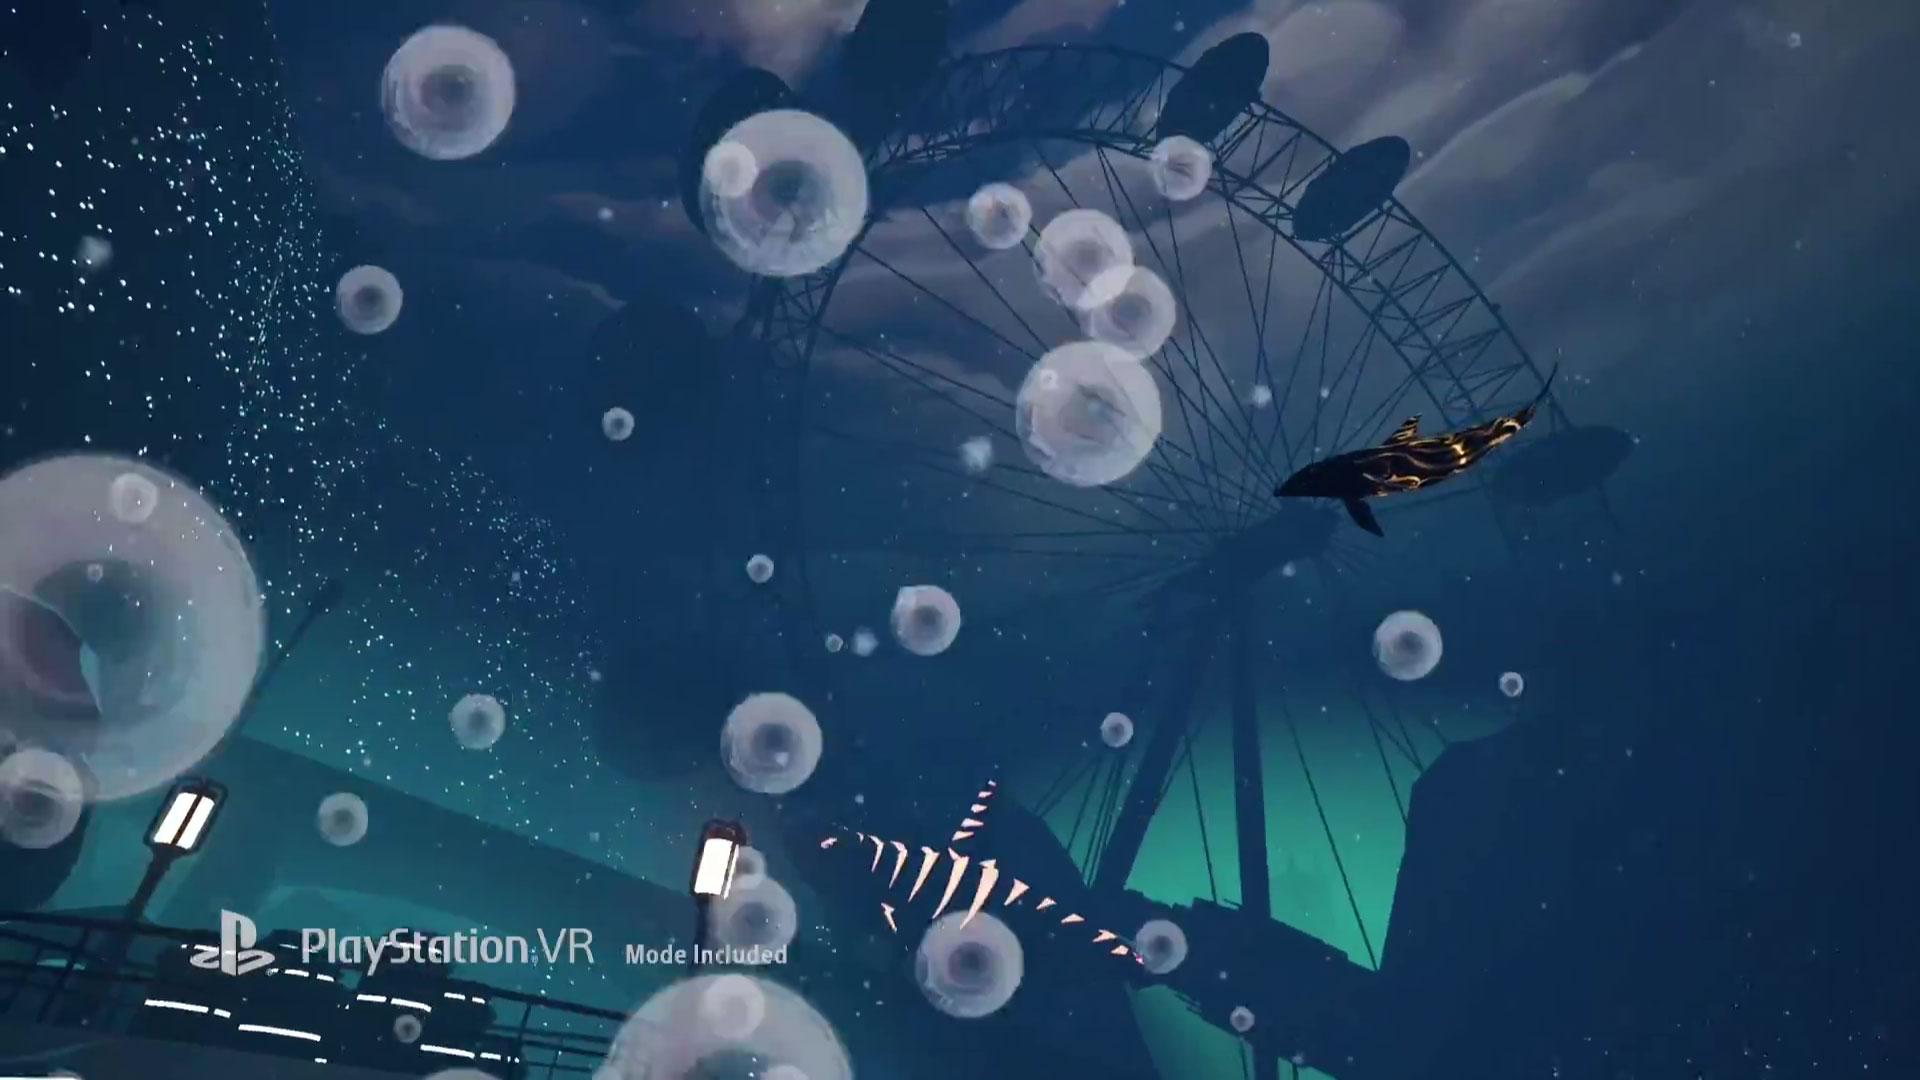 Jupiter and Mars sur PS4 et PSVR - vrplayer.fr